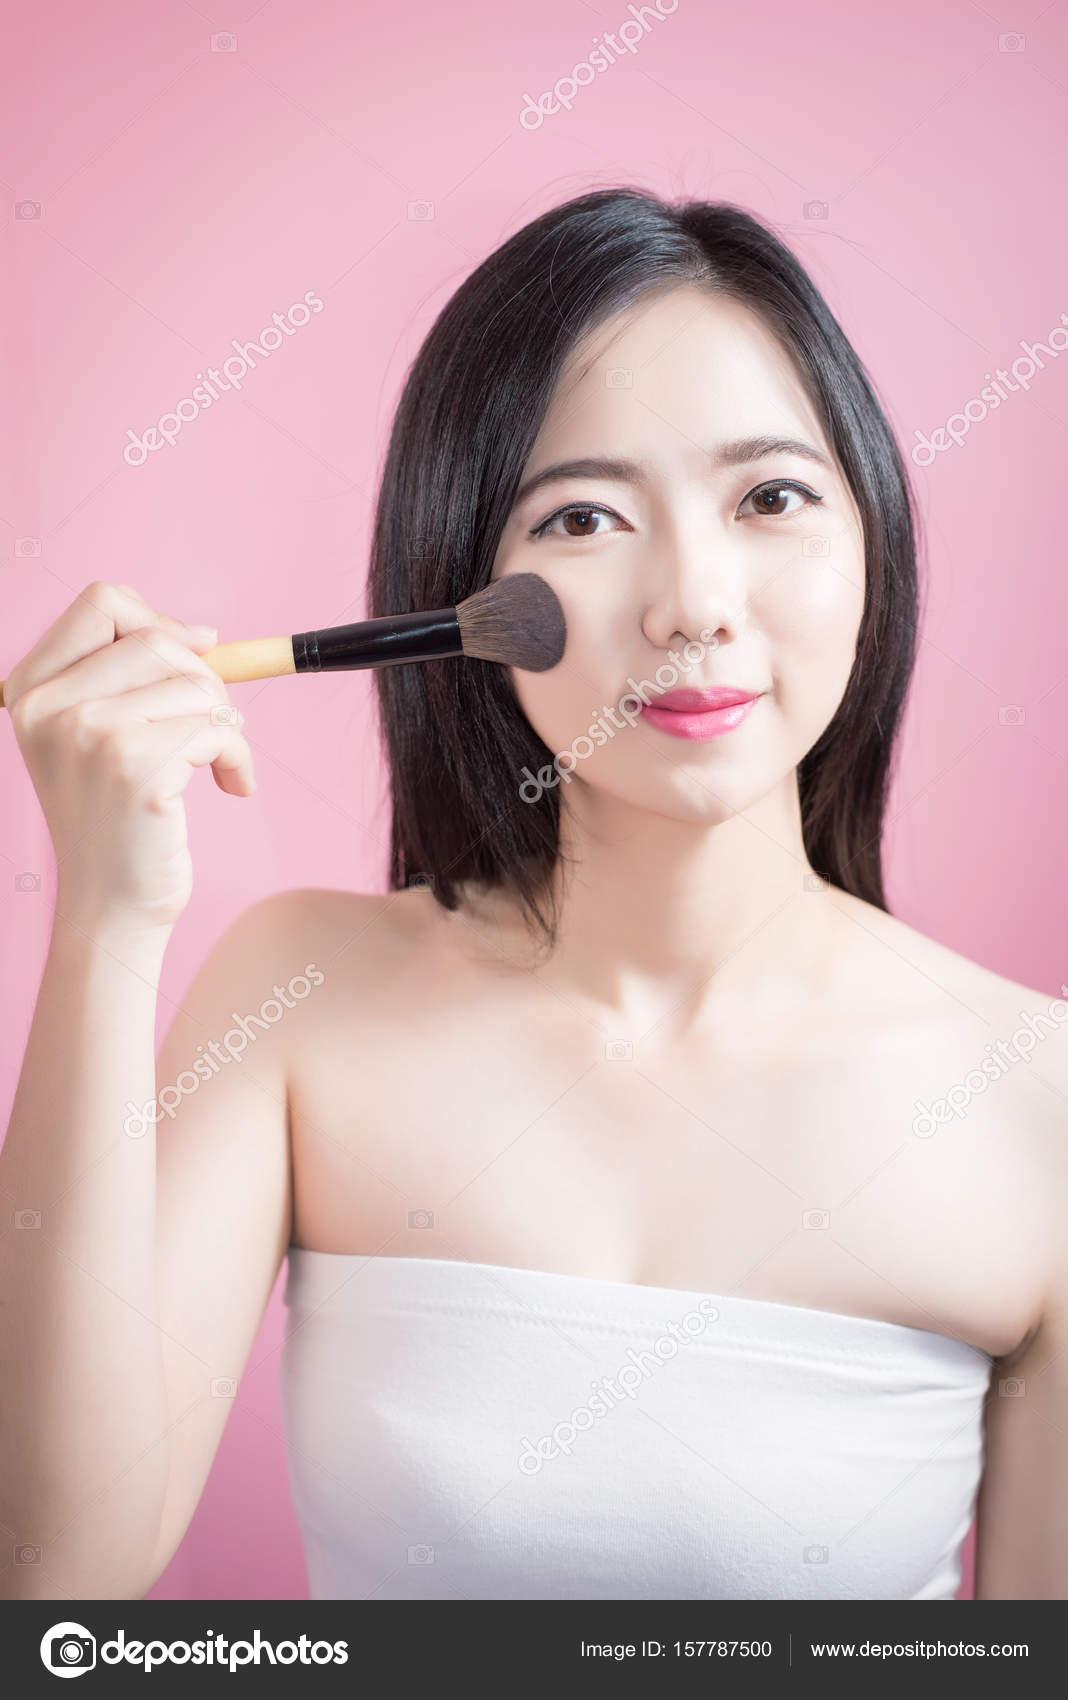 Kosmetik für asiatische Frauen mit